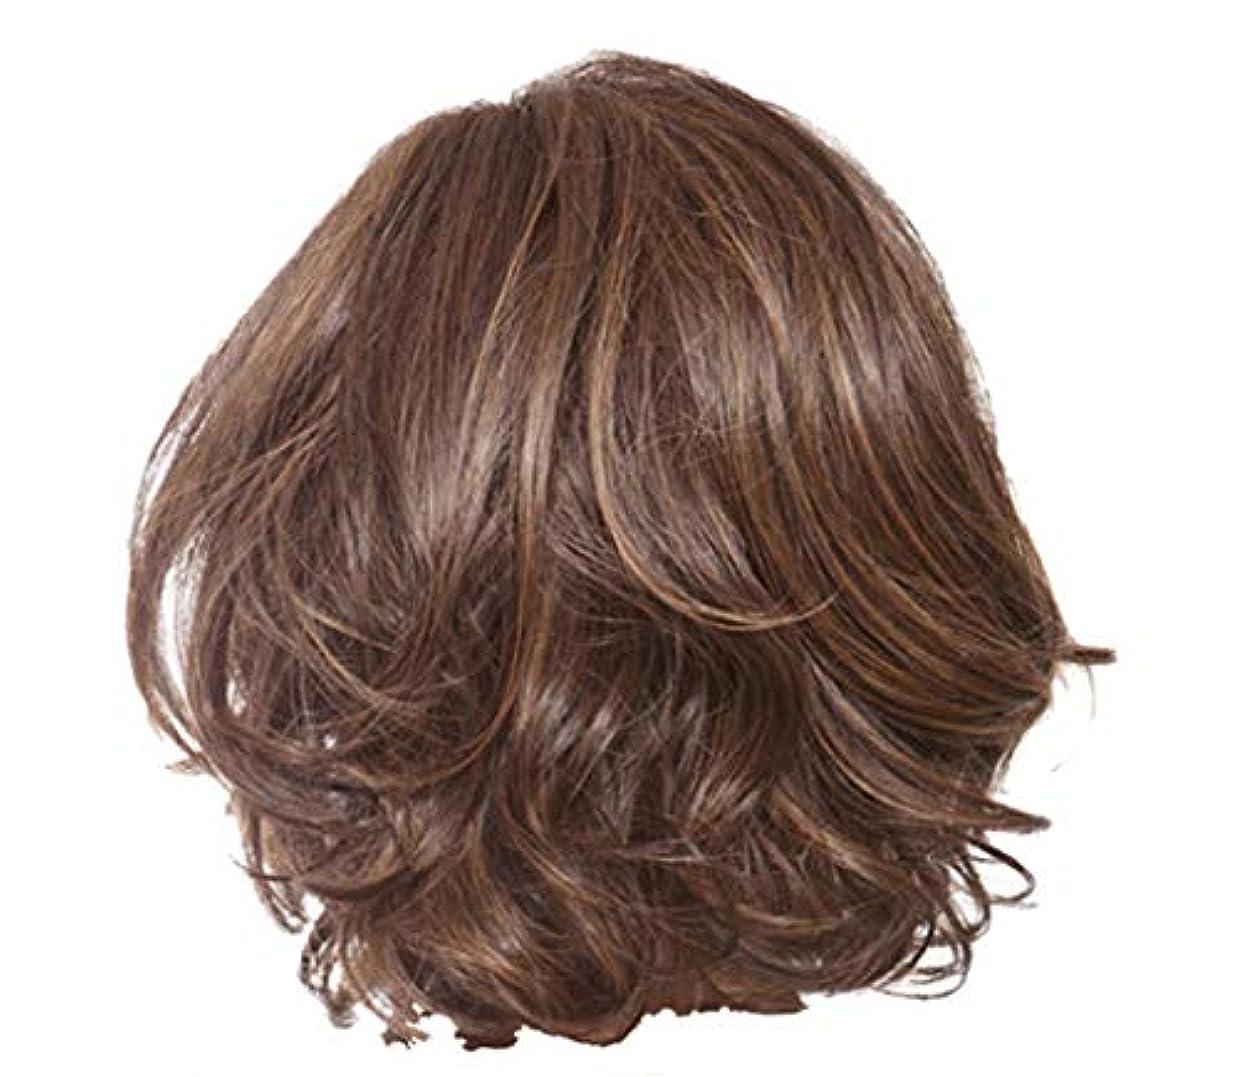 テント細菌メダリストウィッグ女性のセクシーな短い巻き毛のかつらクールなハンサムなかつら36 cm